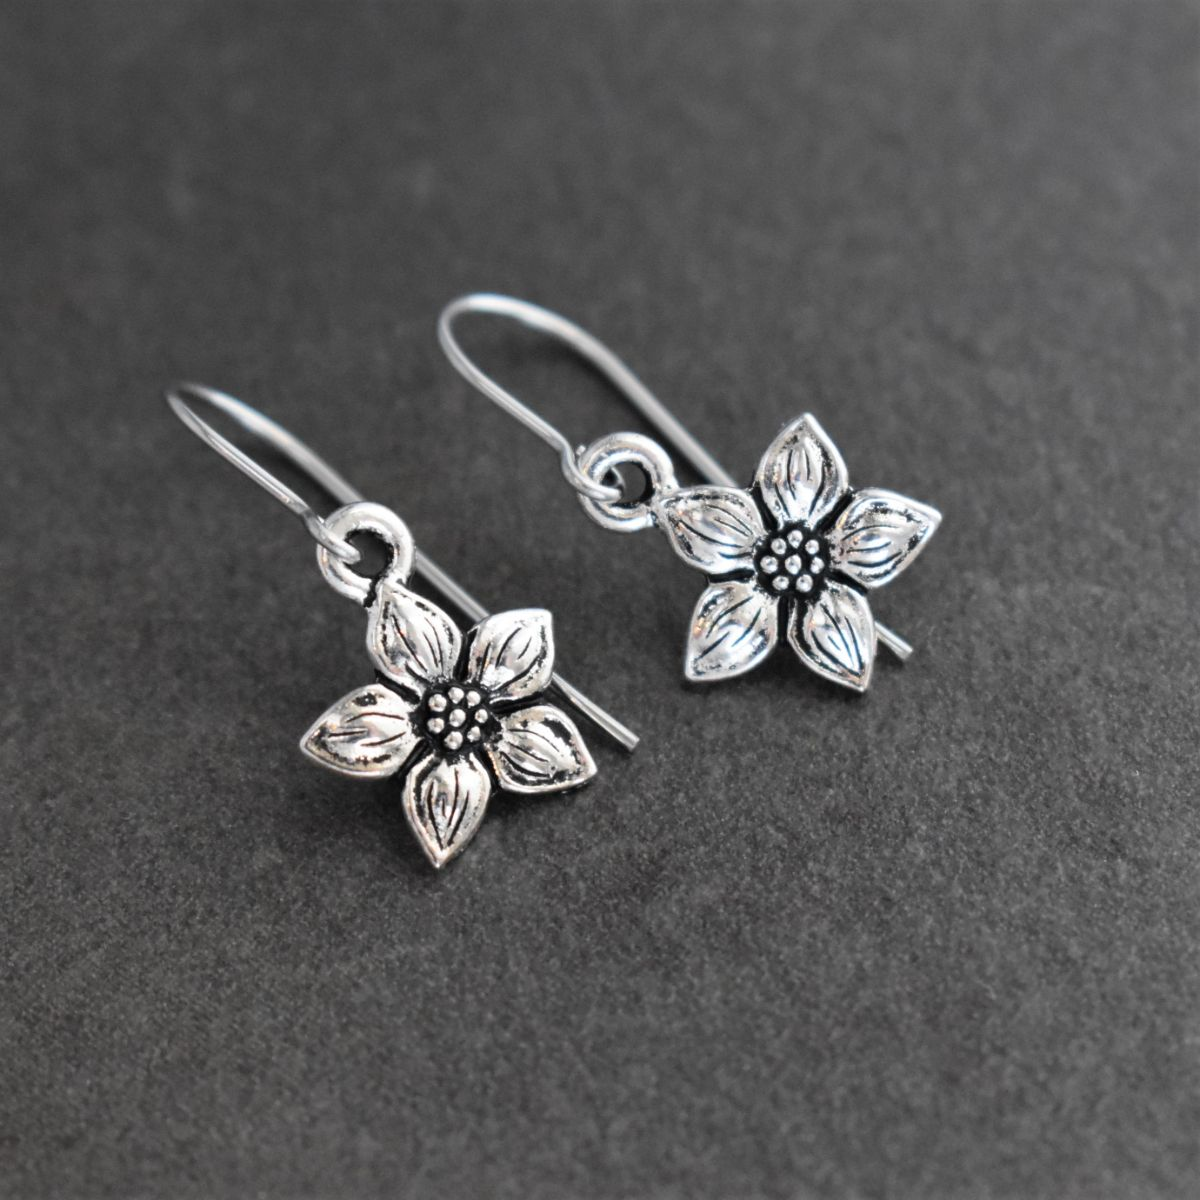 Silver Columbine earrings